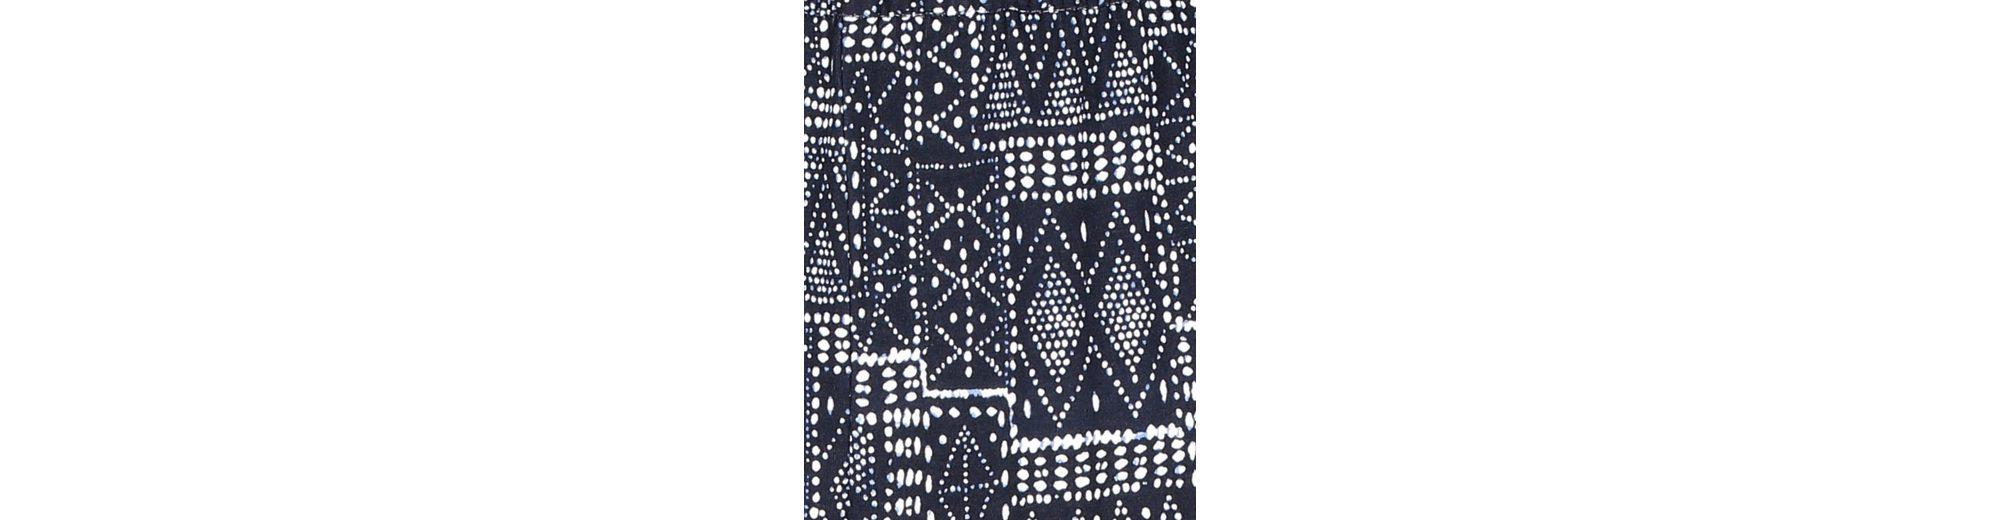 Viele Farben Freies Verschiffen Amazon MIAMODA Hose in bequemer Schlupfform Verkauf Wiki Niedrige Versandgebühr Günstiger Preis qmuQi